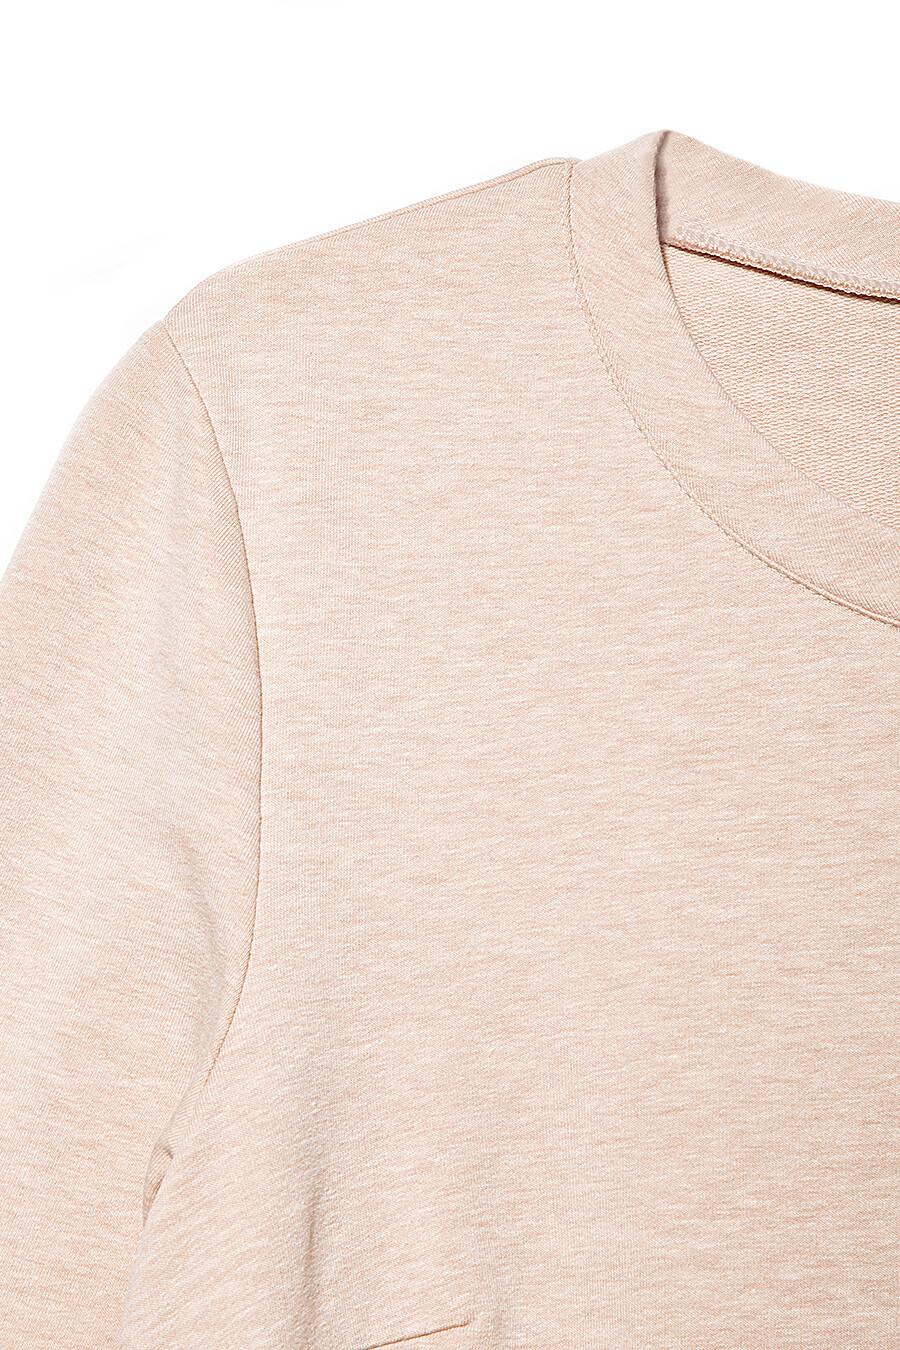 Туника для женщин CONTE ELEGANT 165592 купить оптом от производителя. Совместная покупка женской одежды в OptMoyo